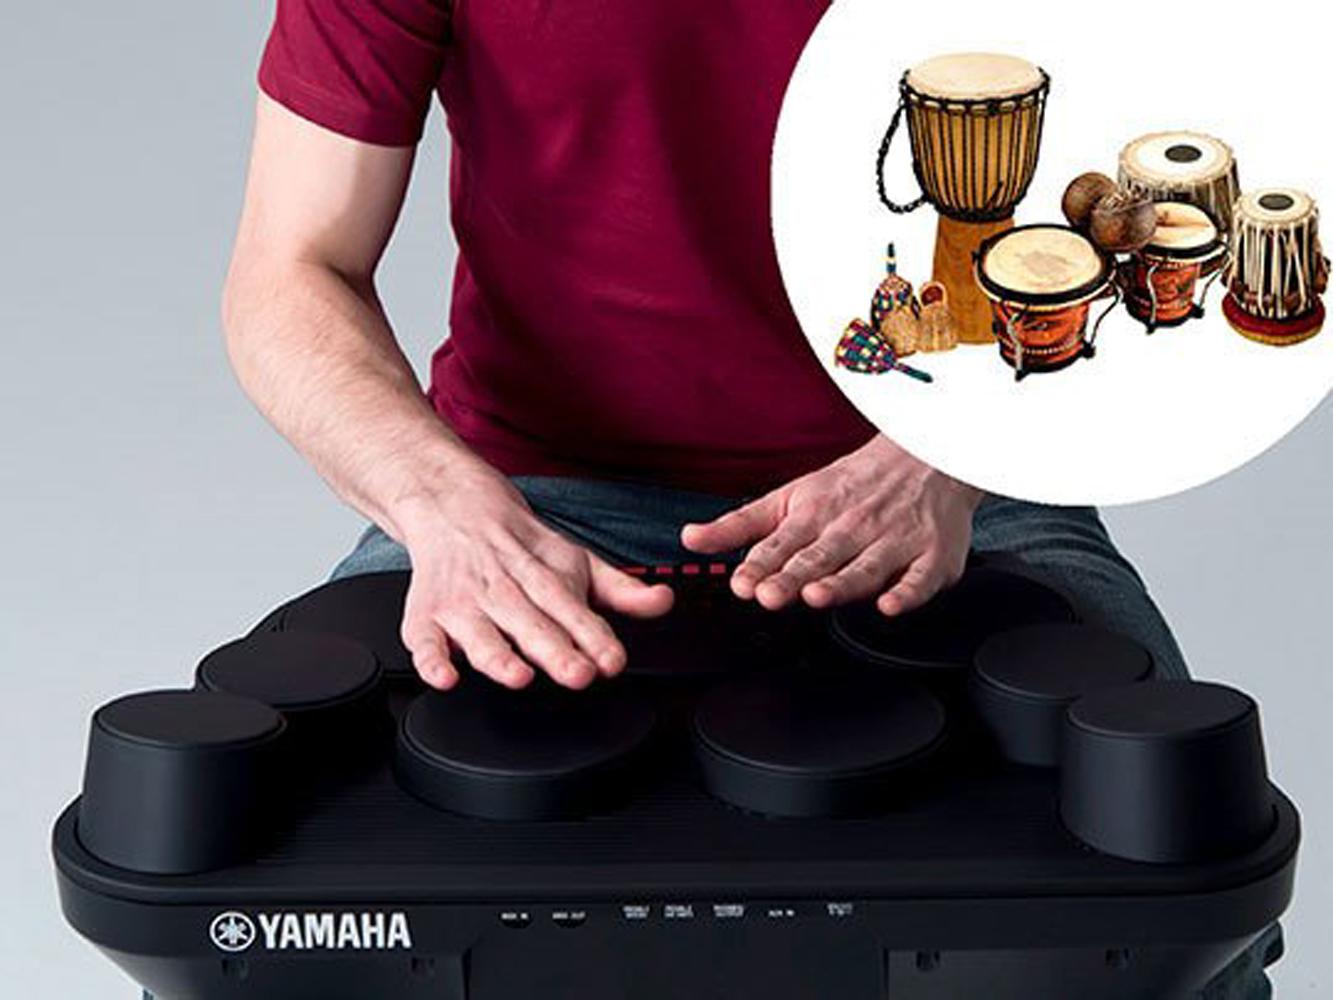 Bộ Trống điện tử Yamaha DD-75 (Electronic Portable Digital Drum DD75 - Có tem chống hàng giả Bộ CA - Kèm Nguồn, Dùi Trống, Pedal, Pick)